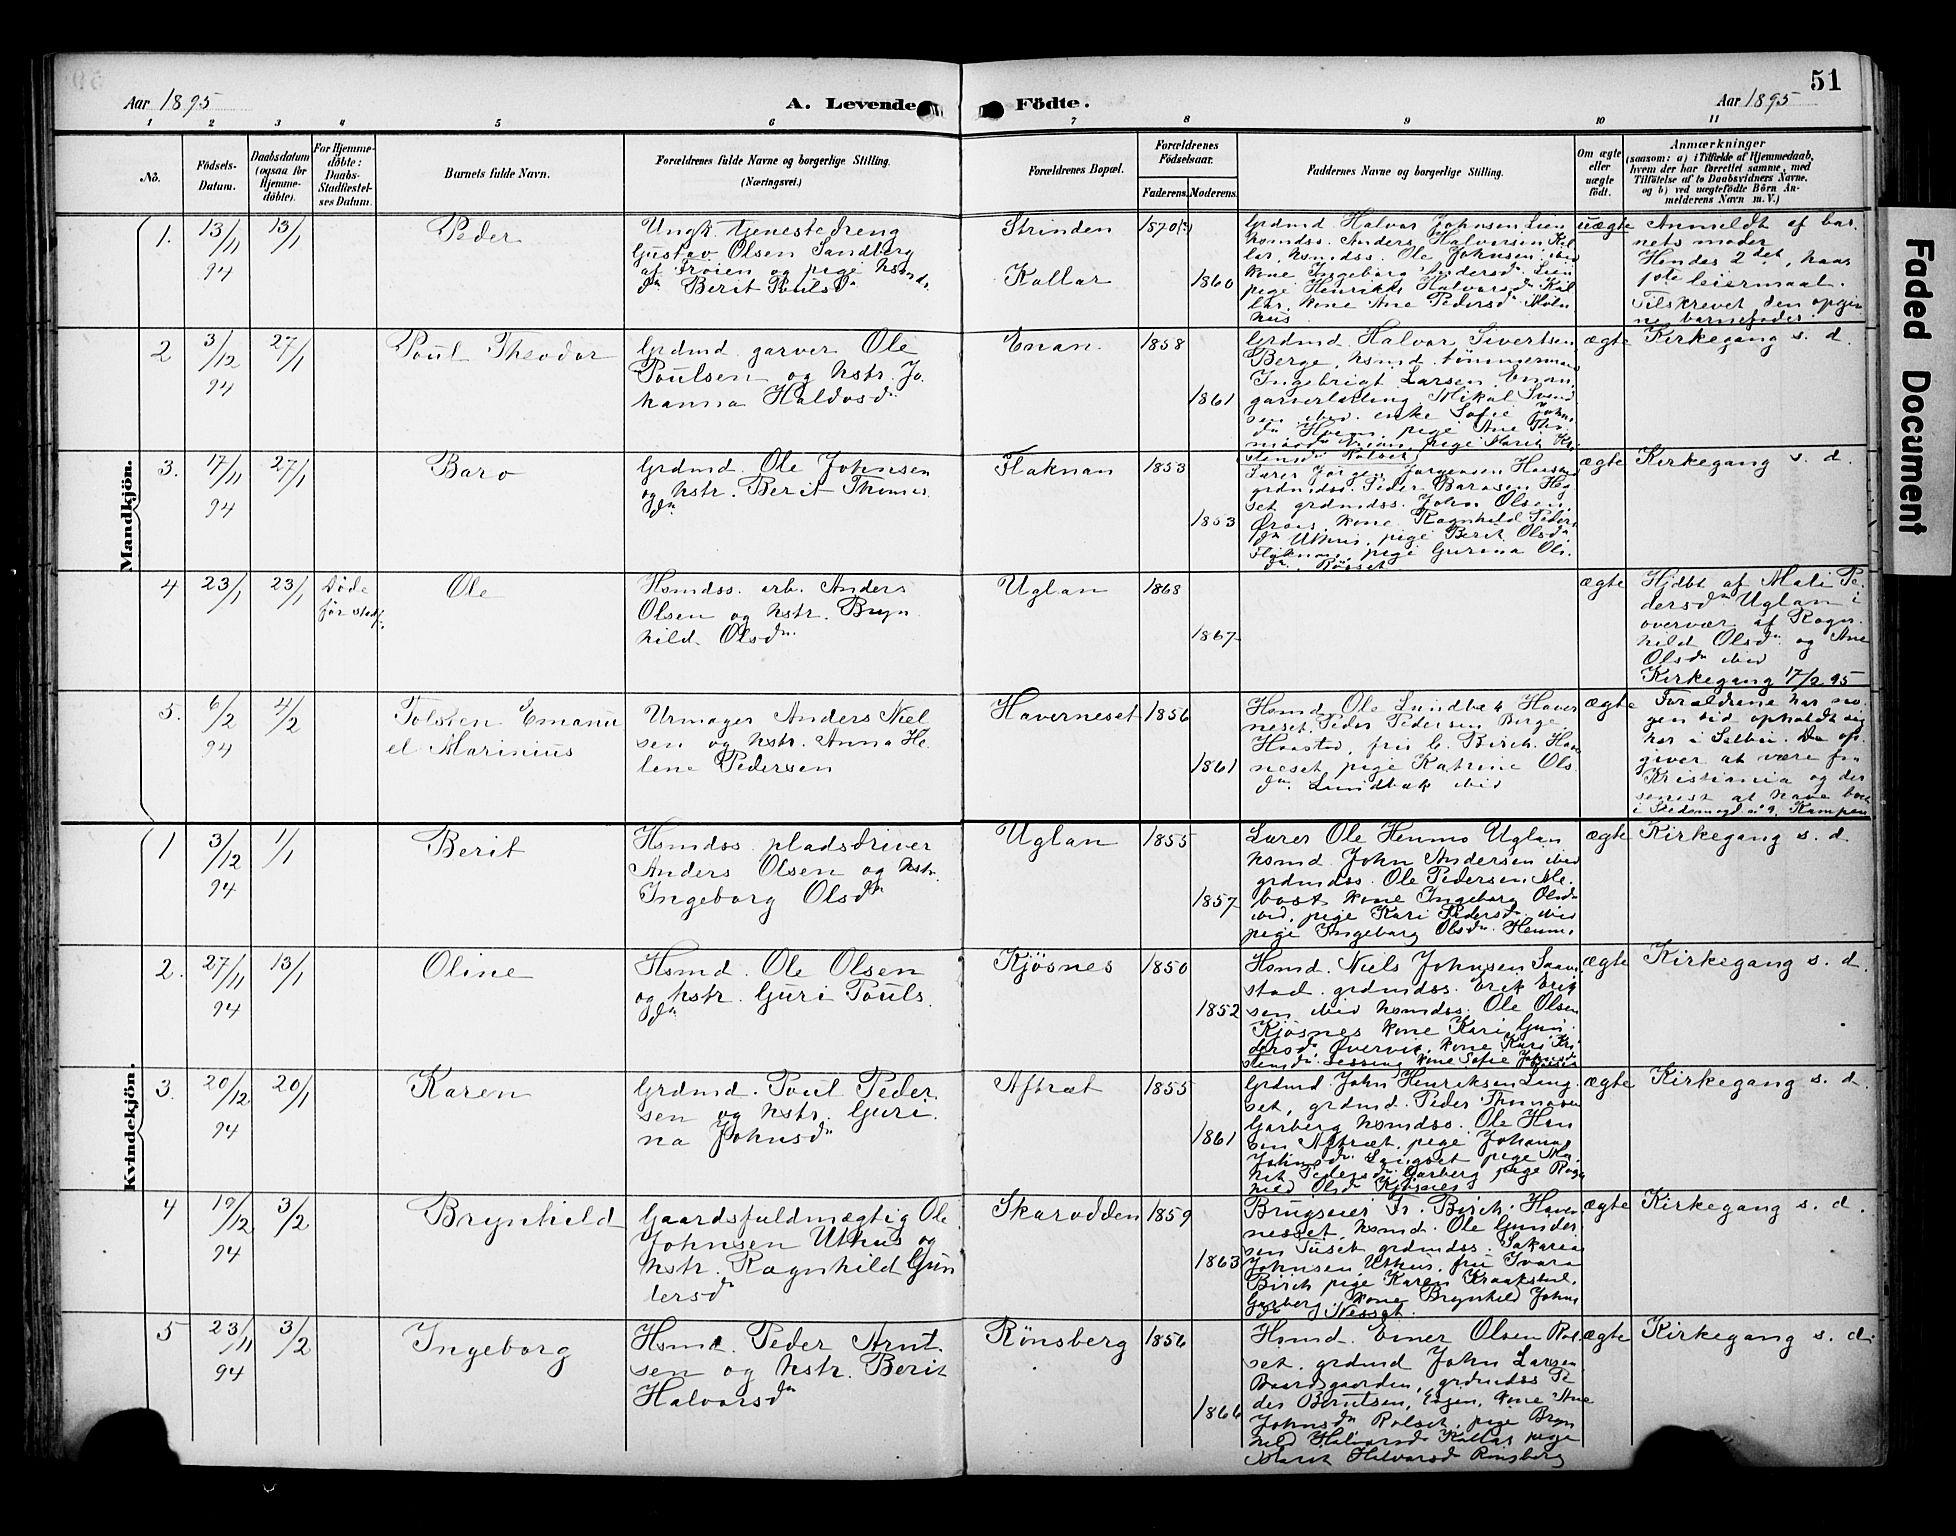 SAT, Ministerialprotokoller, klokkerbøker og fødselsregistre - Sør-Trøndelag, 695/L1149: Ministerialbok nr. 695A09, 1891-1902, s. 51